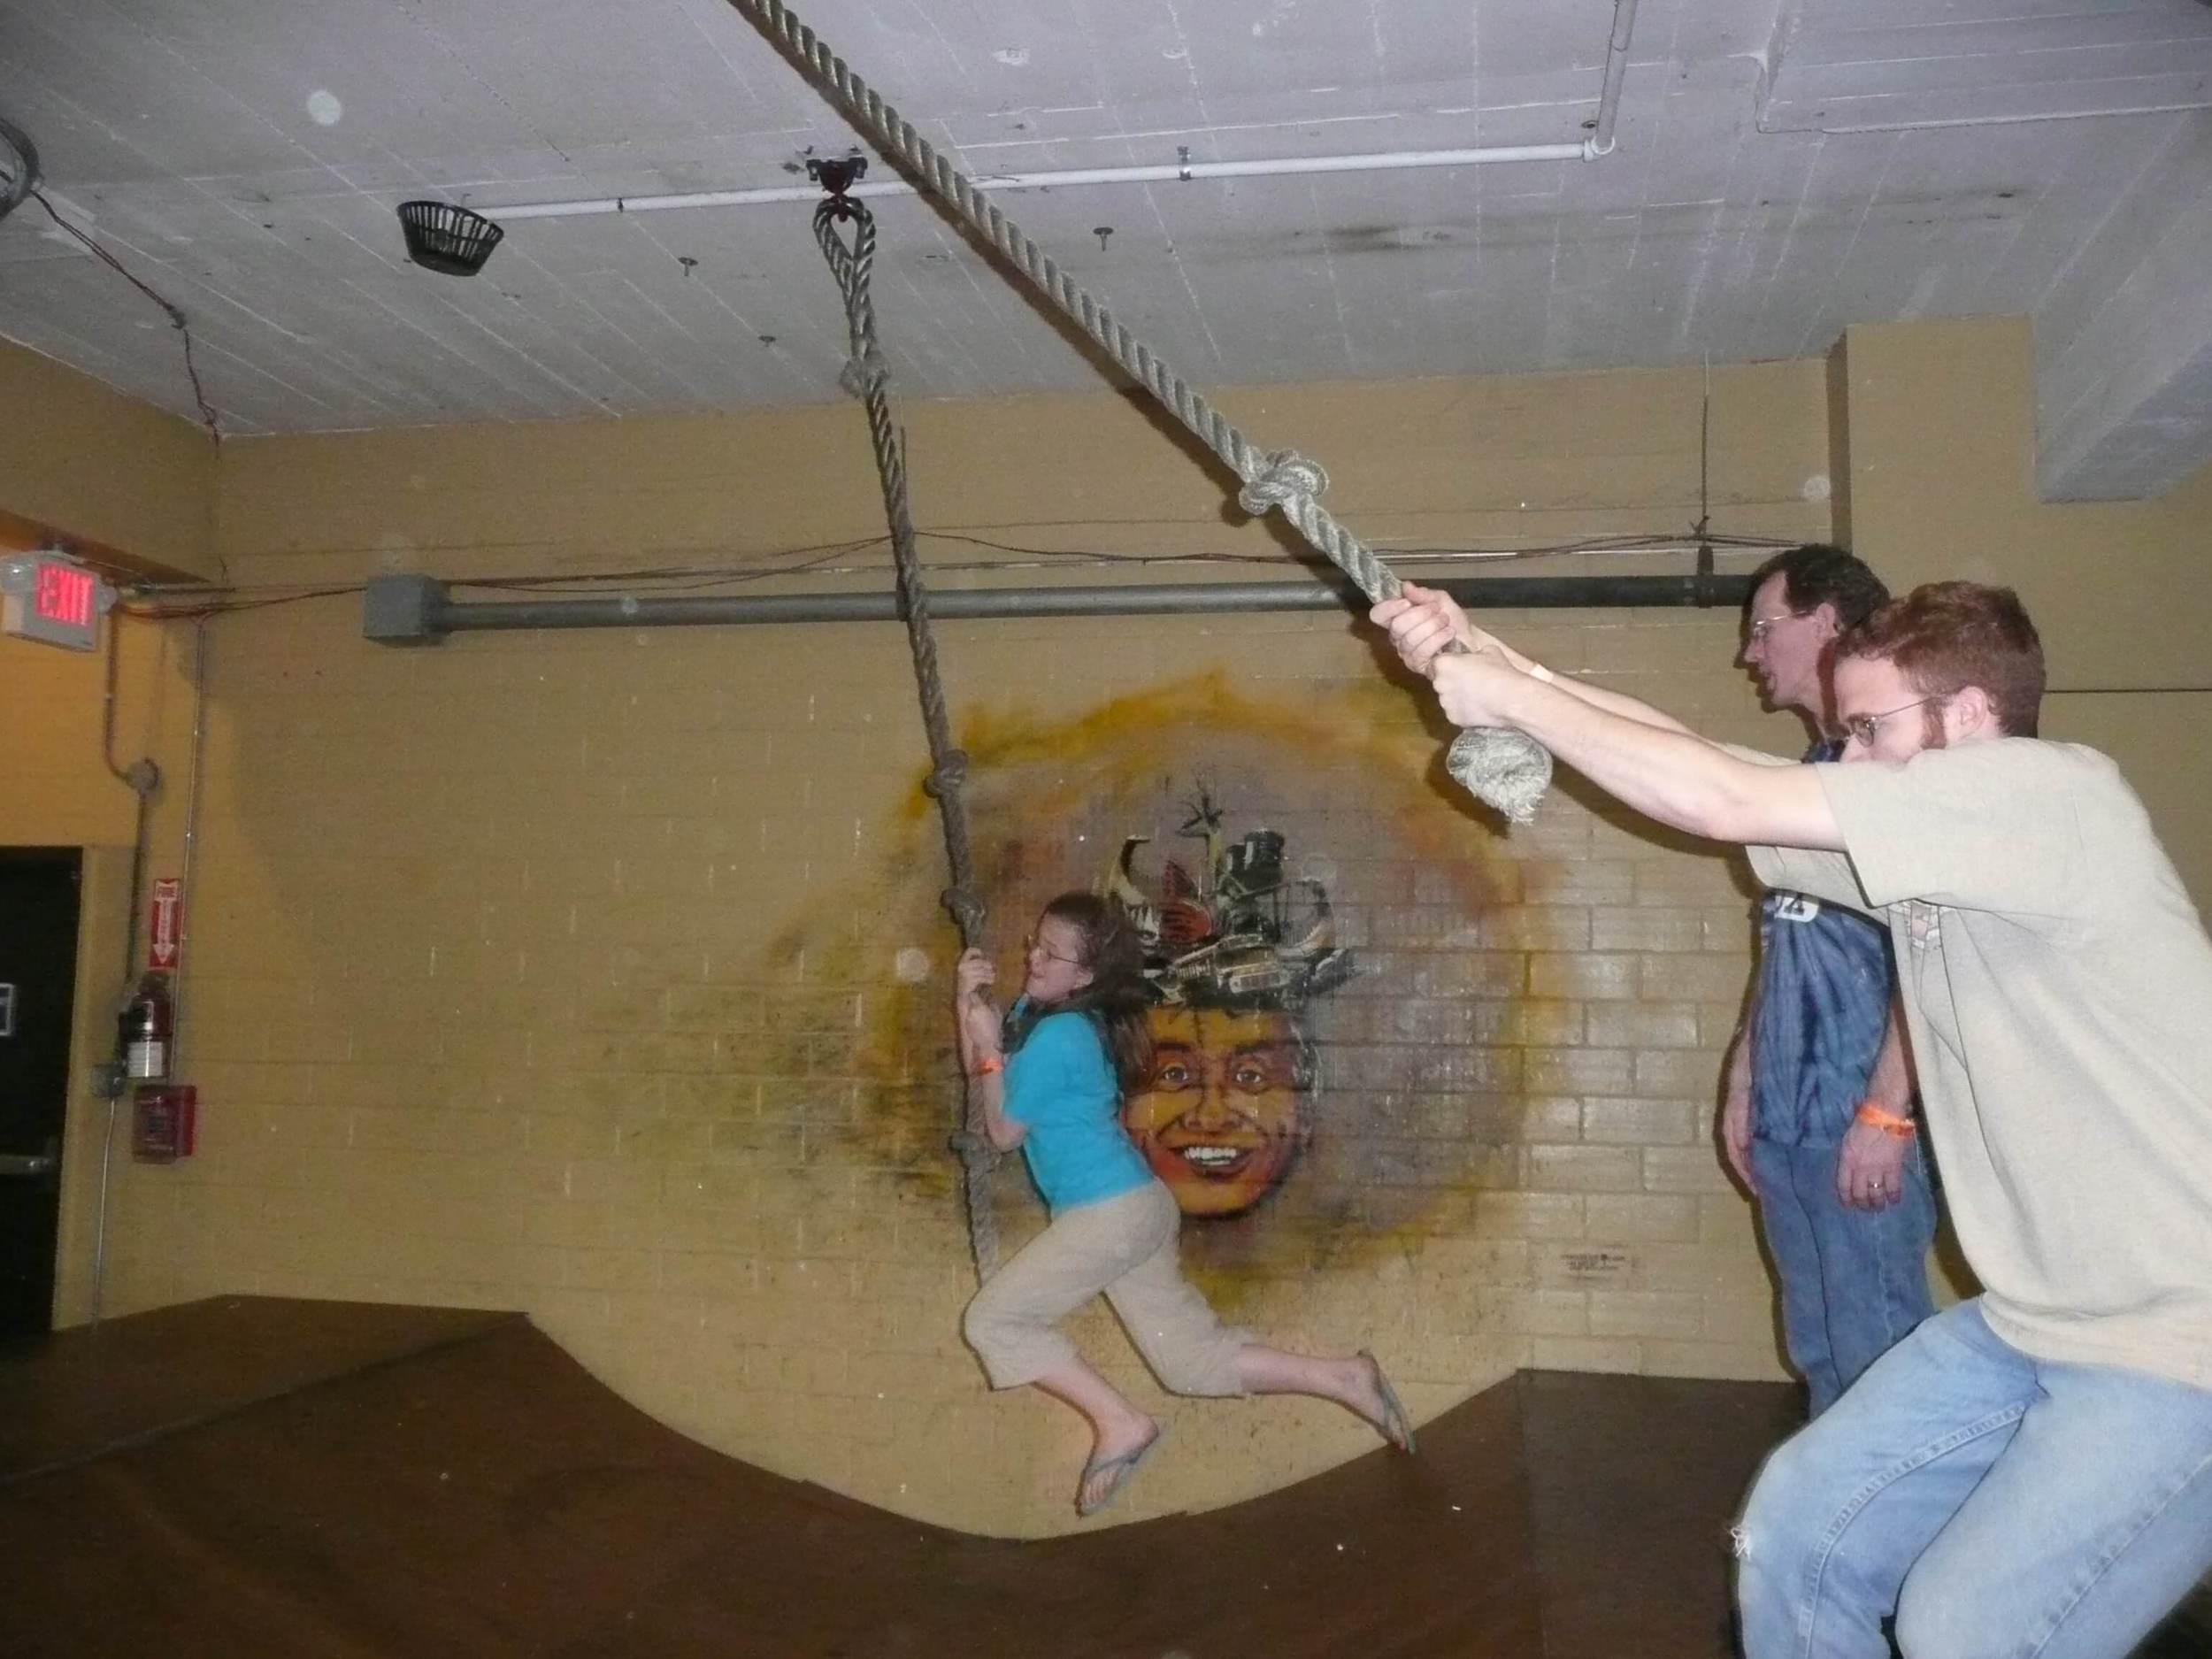 Fun family trip to St. Louis City Museum - DaytoDayAdventures.com